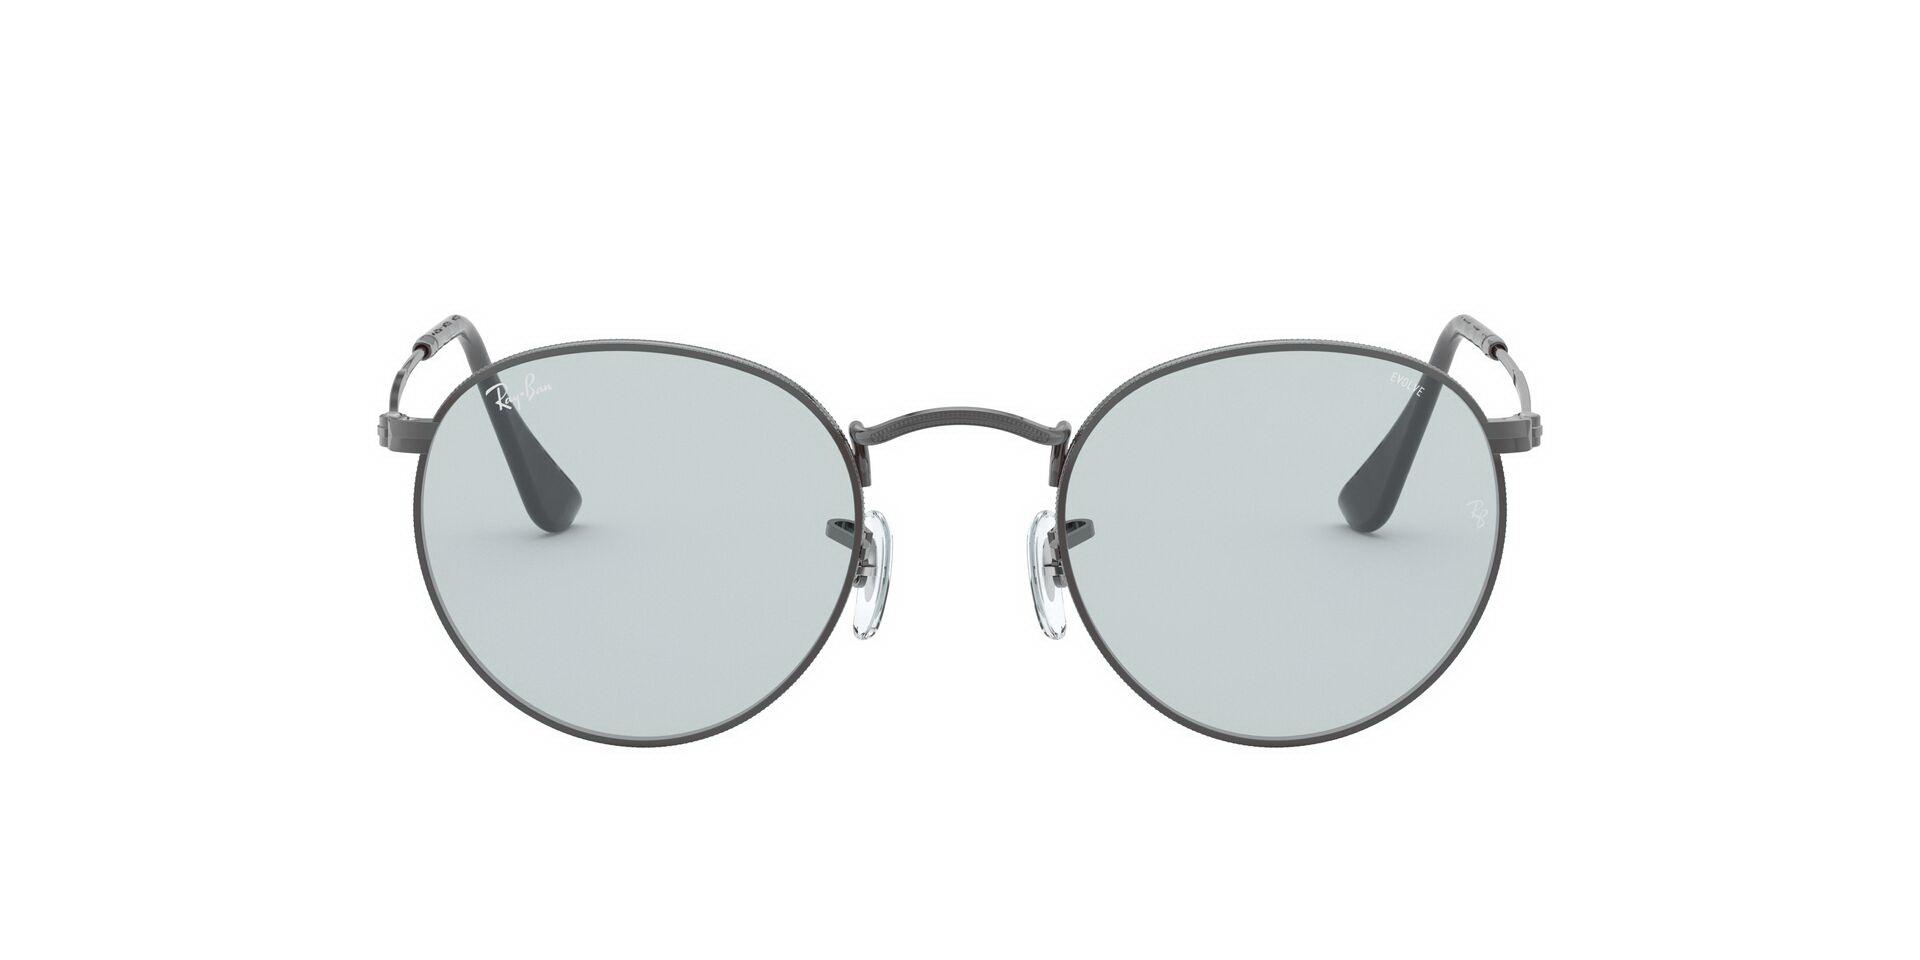 Солнцезащитные очки Очки с/з Ray Ban 0RB3447 004/T3 фото